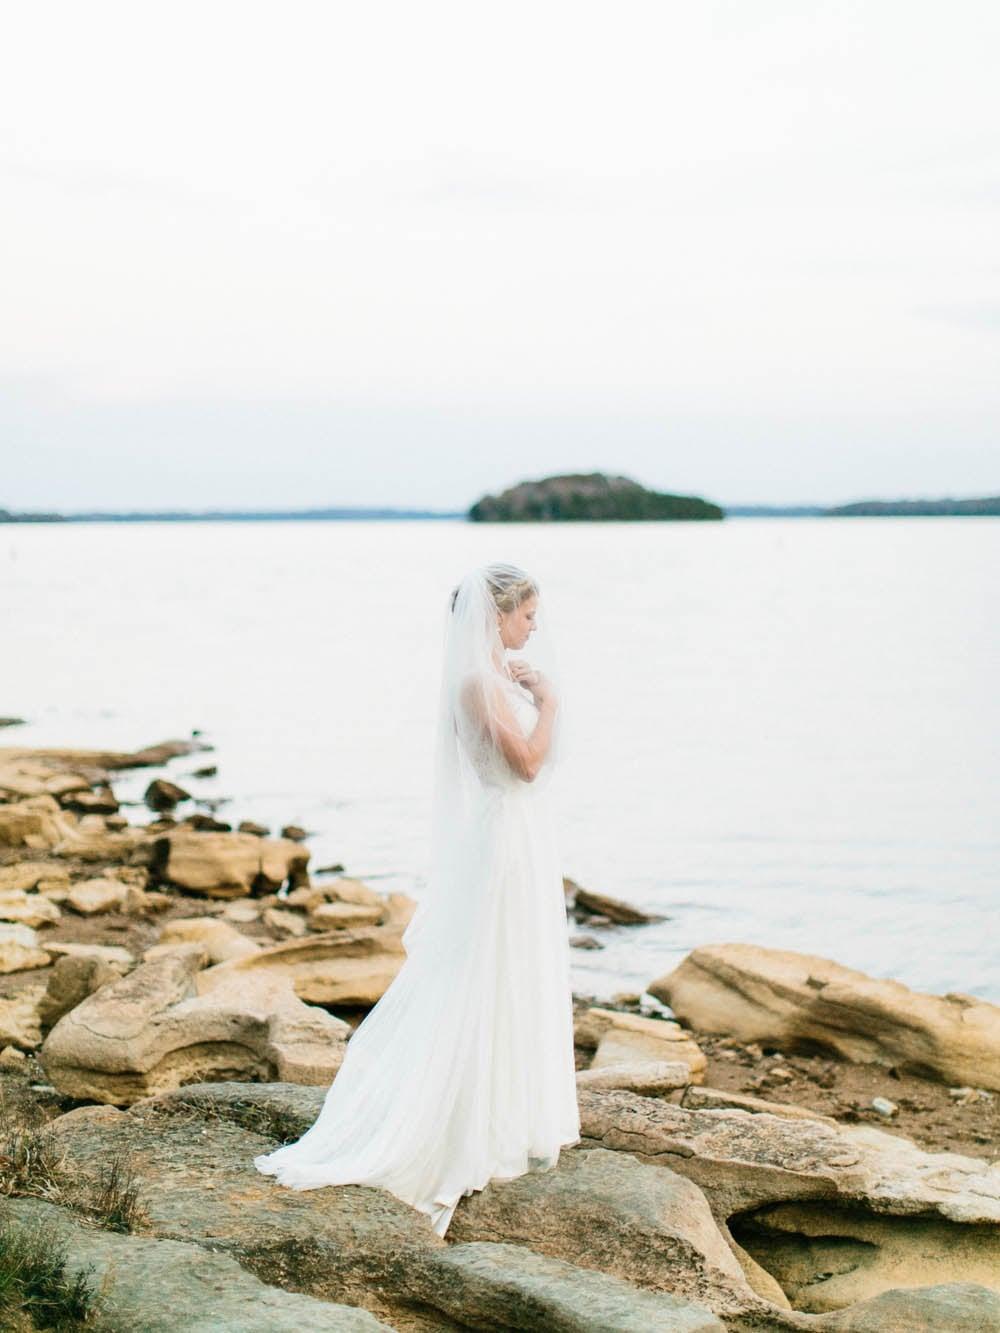 MariaLamb-Branden-Sammi-Wedding629.jpg